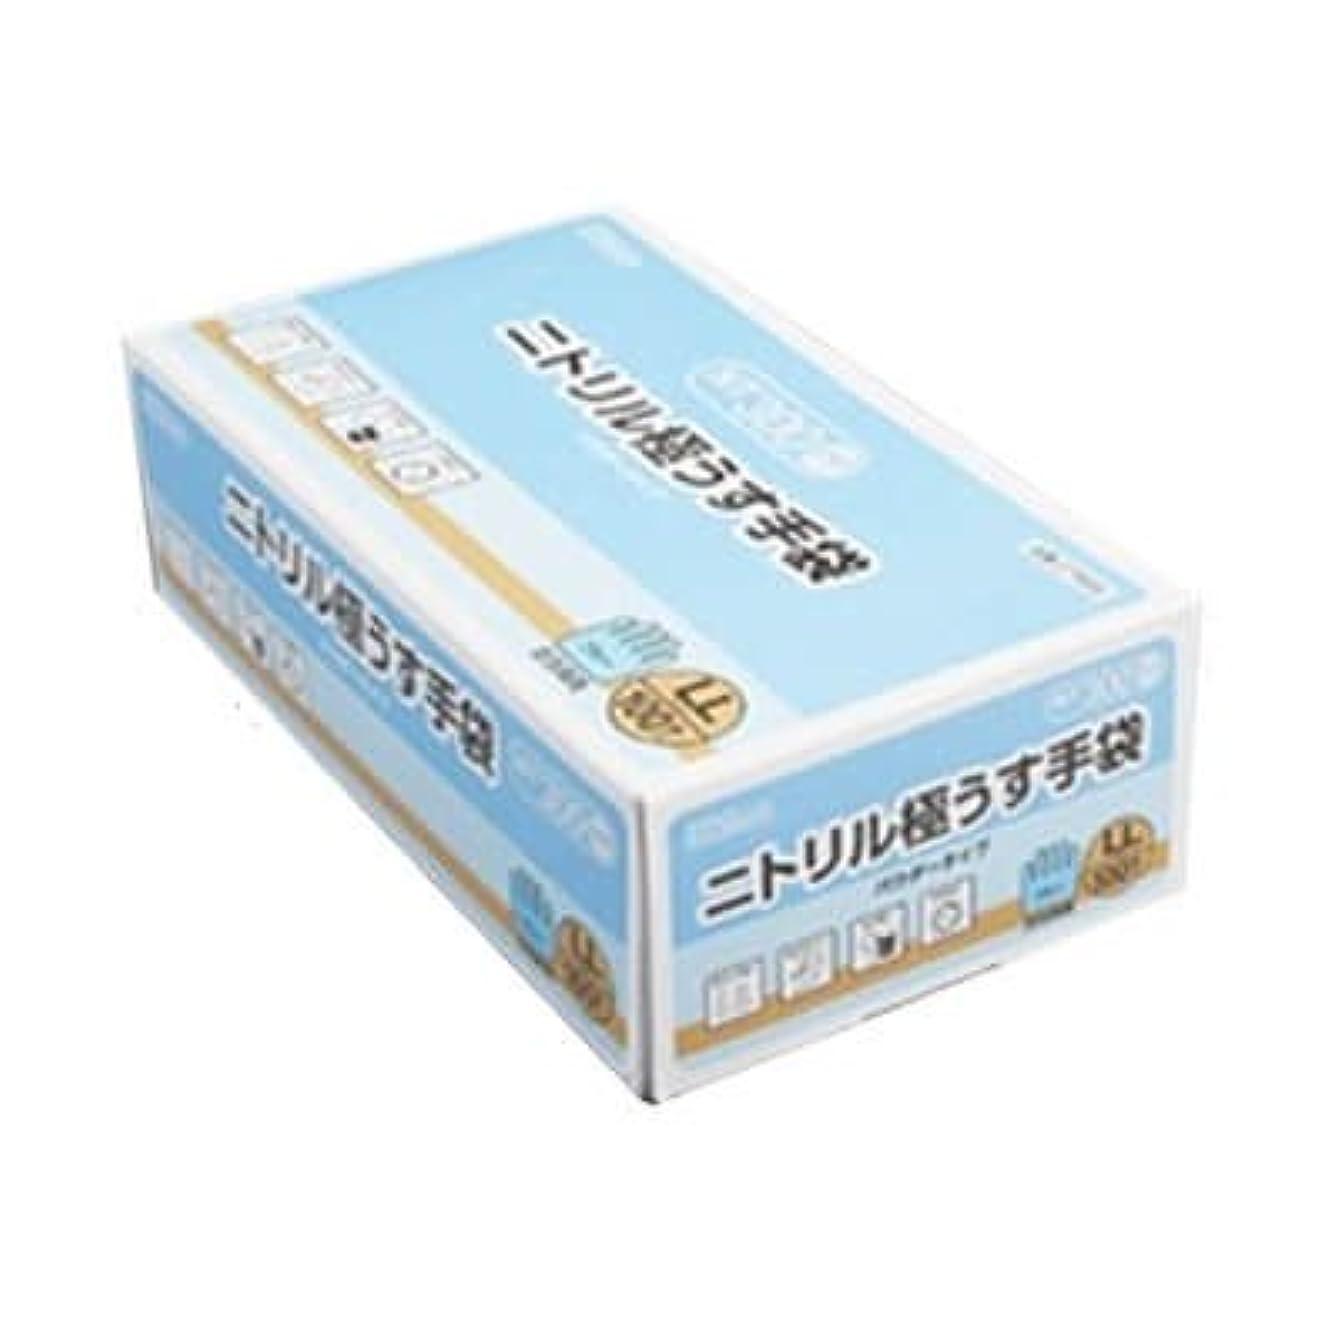 鉛過剰精神医学【ケース販売】 ダンロップ ニトリル極うす手袋 粉付 LL ブルー NT-300 (100枚入×20箱)